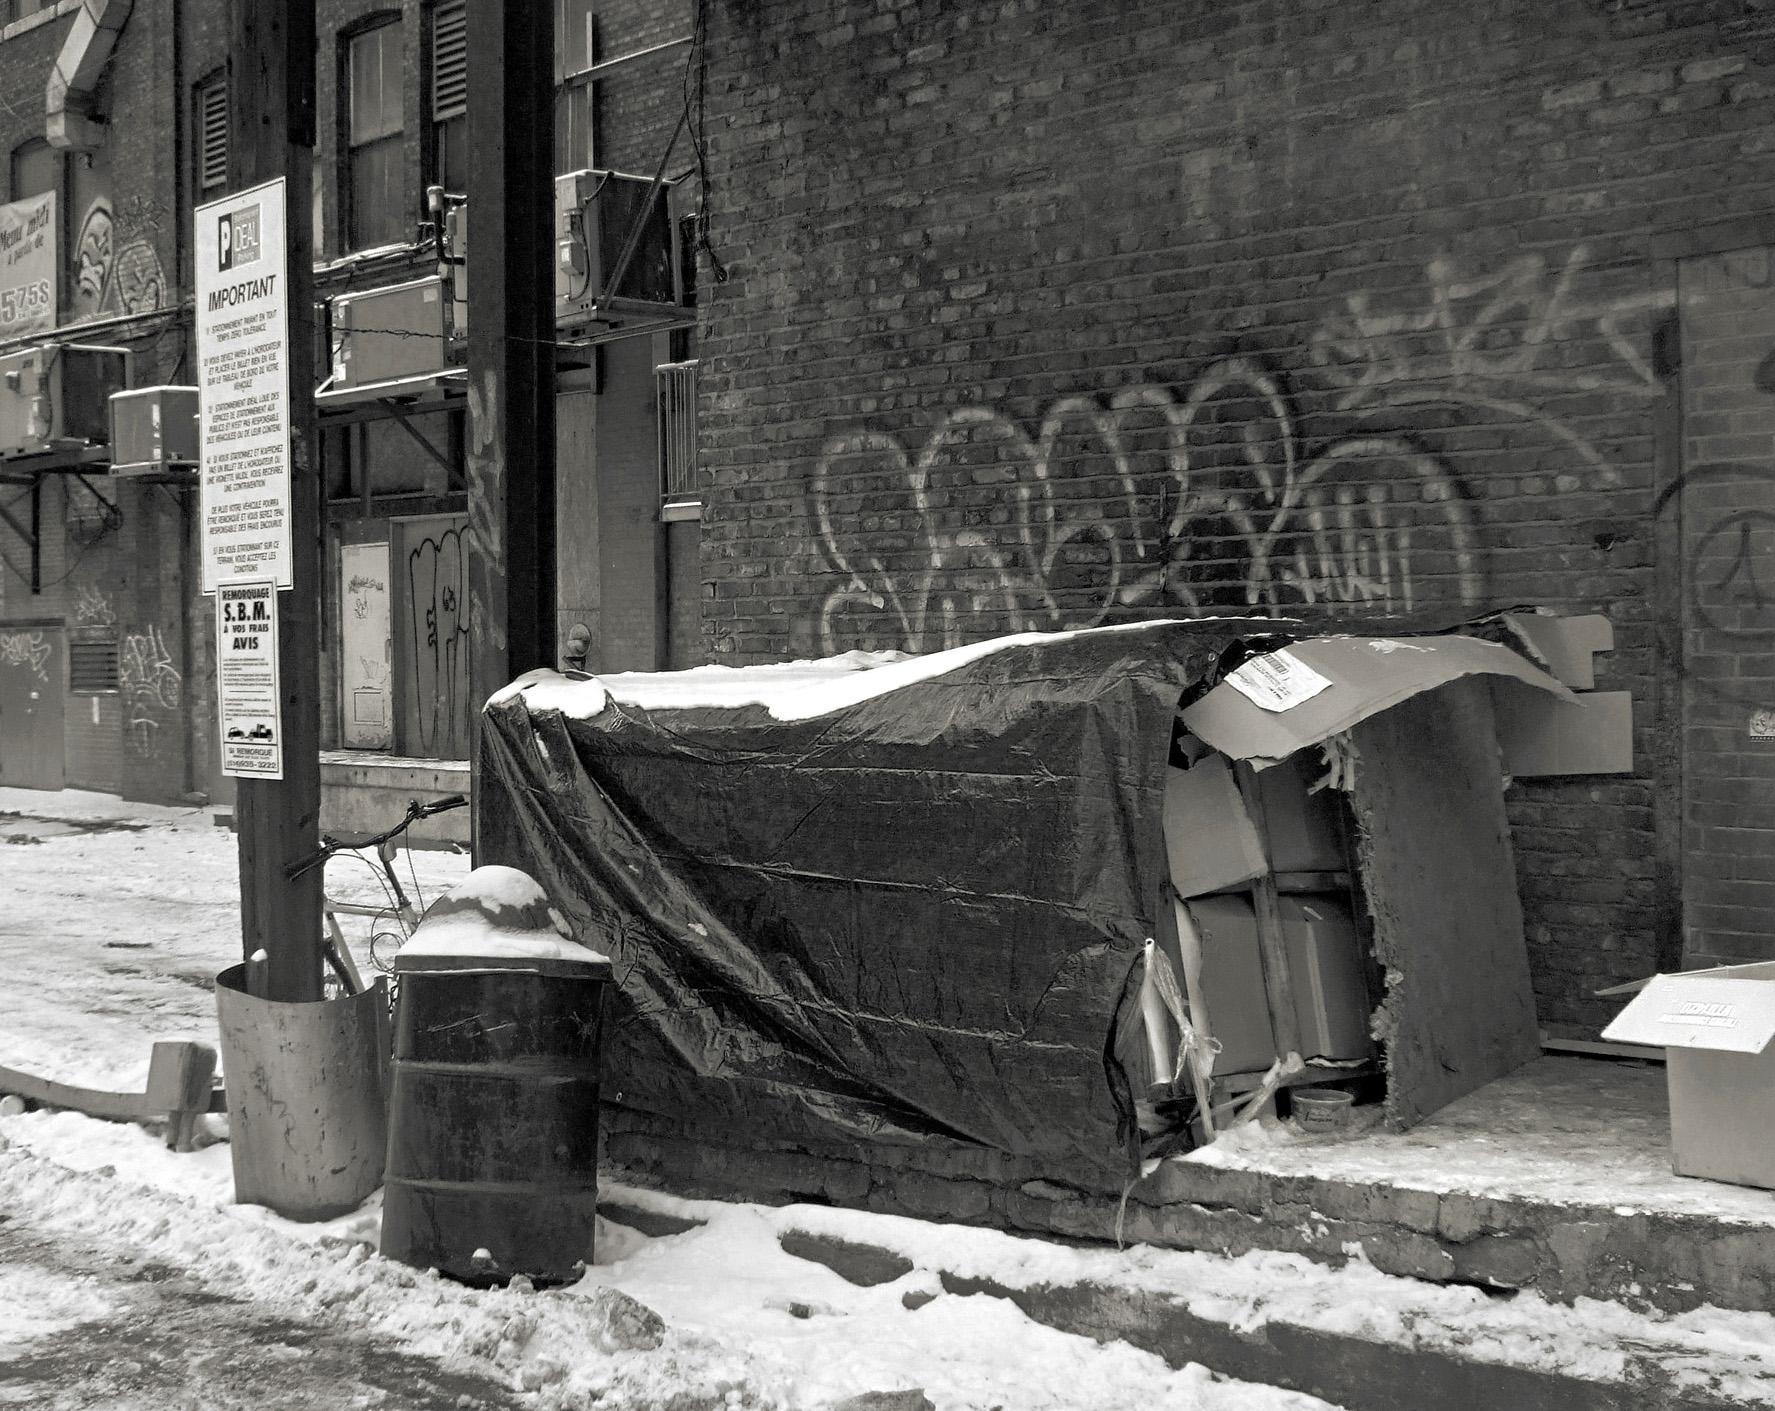 L'itinérance est aussi une conséquence du problème d'accès au logement. <b><i>La cabane à Simon,</i> 31 décembre 2006.</b> Photo-documentaire : Laurent Boursier, photodoc.unblog.fr